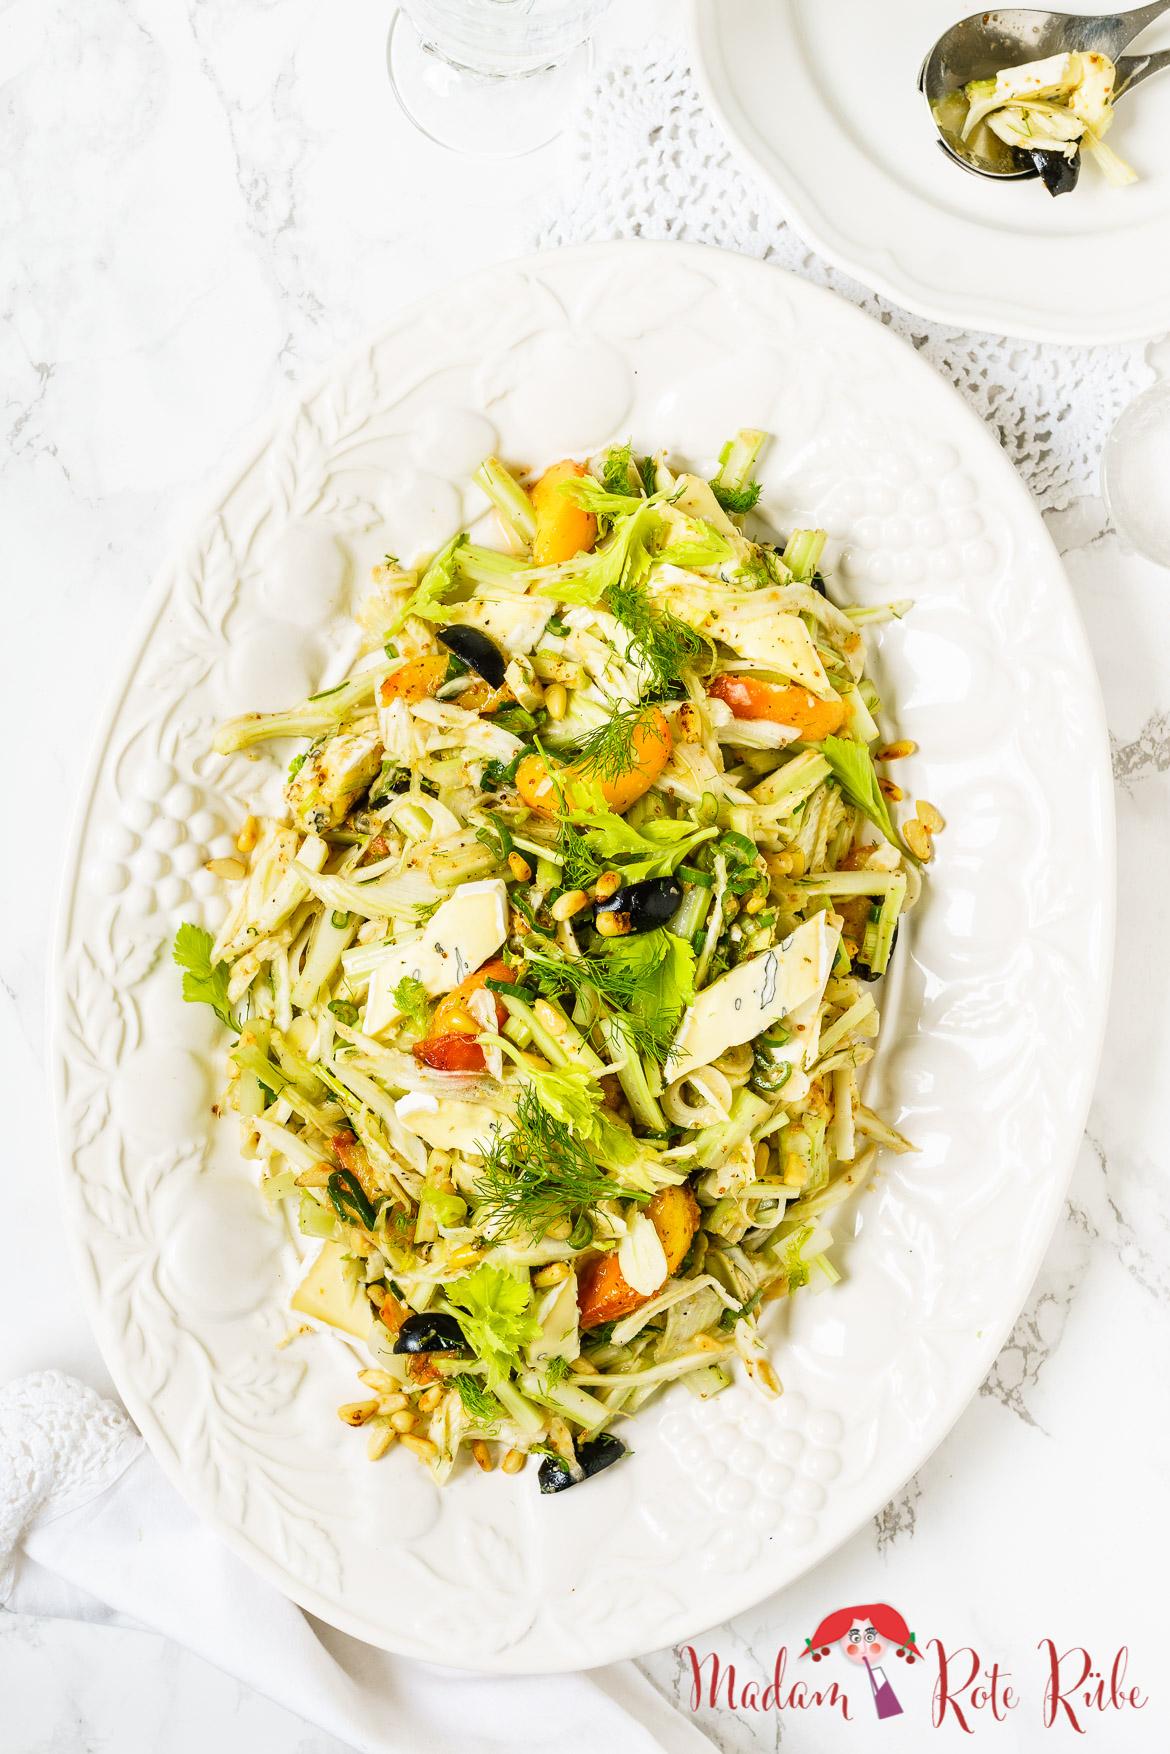 Madam Rote Rübe - Fenchel-Sellerie-Salat mit Oliven, gebratenem Pfirsich und Blauschimmelkäse